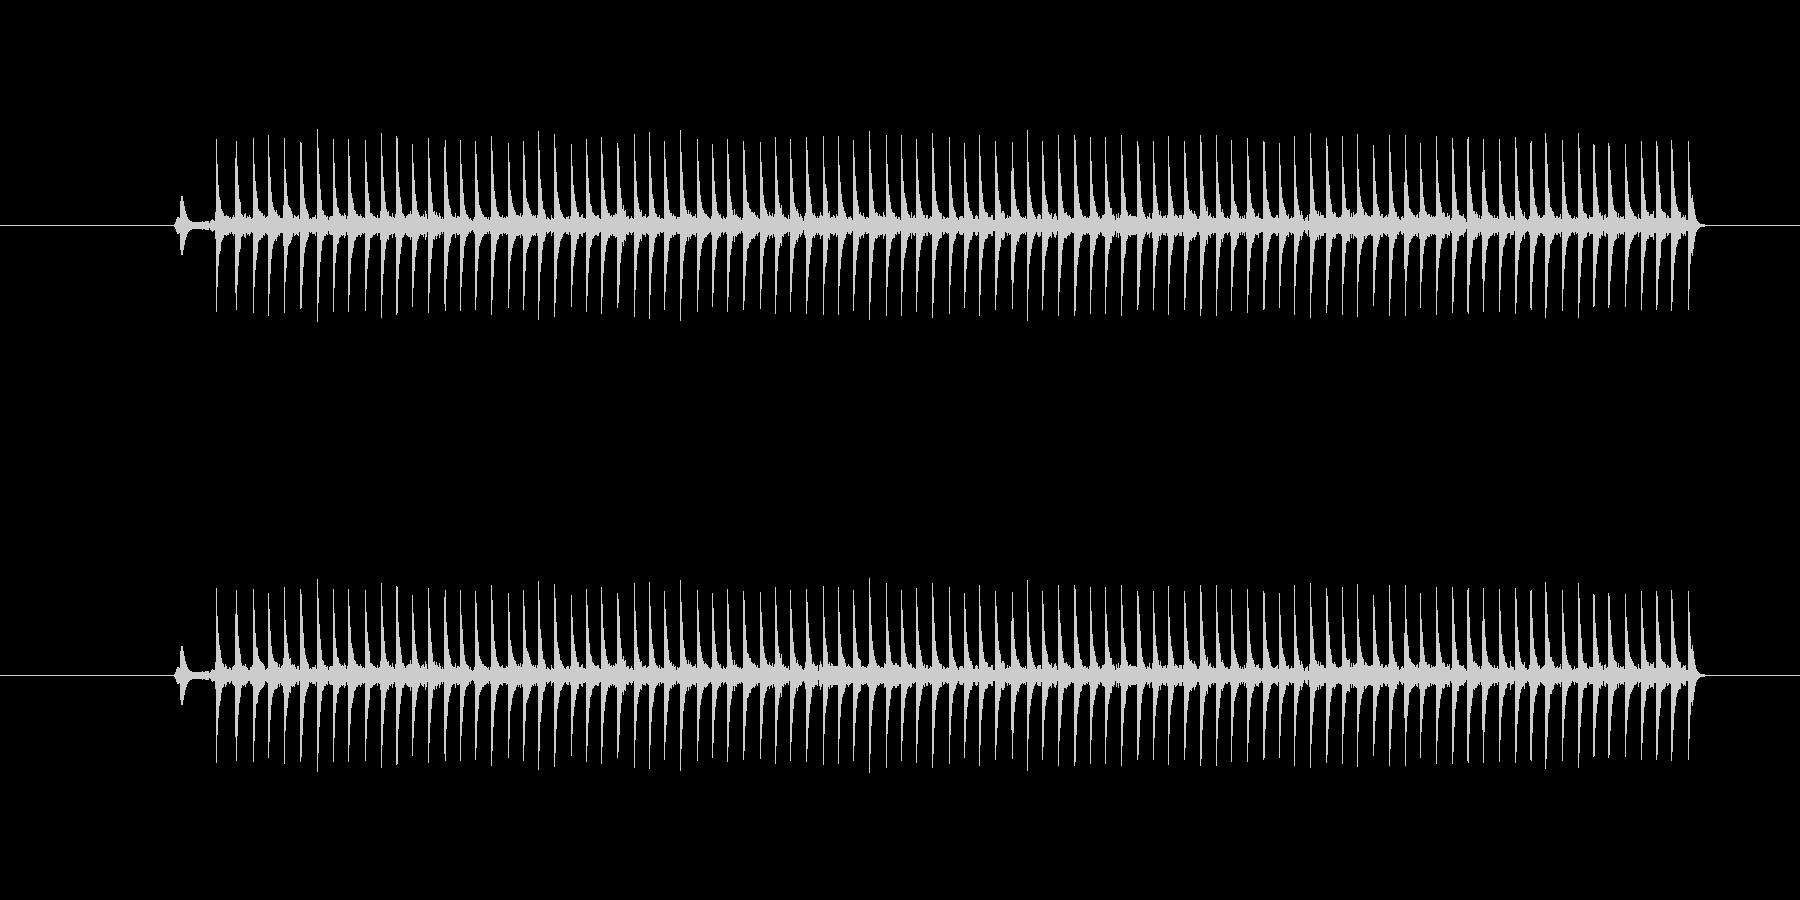 ゲーム、クイズ(ブー音)_001の未再生の波形